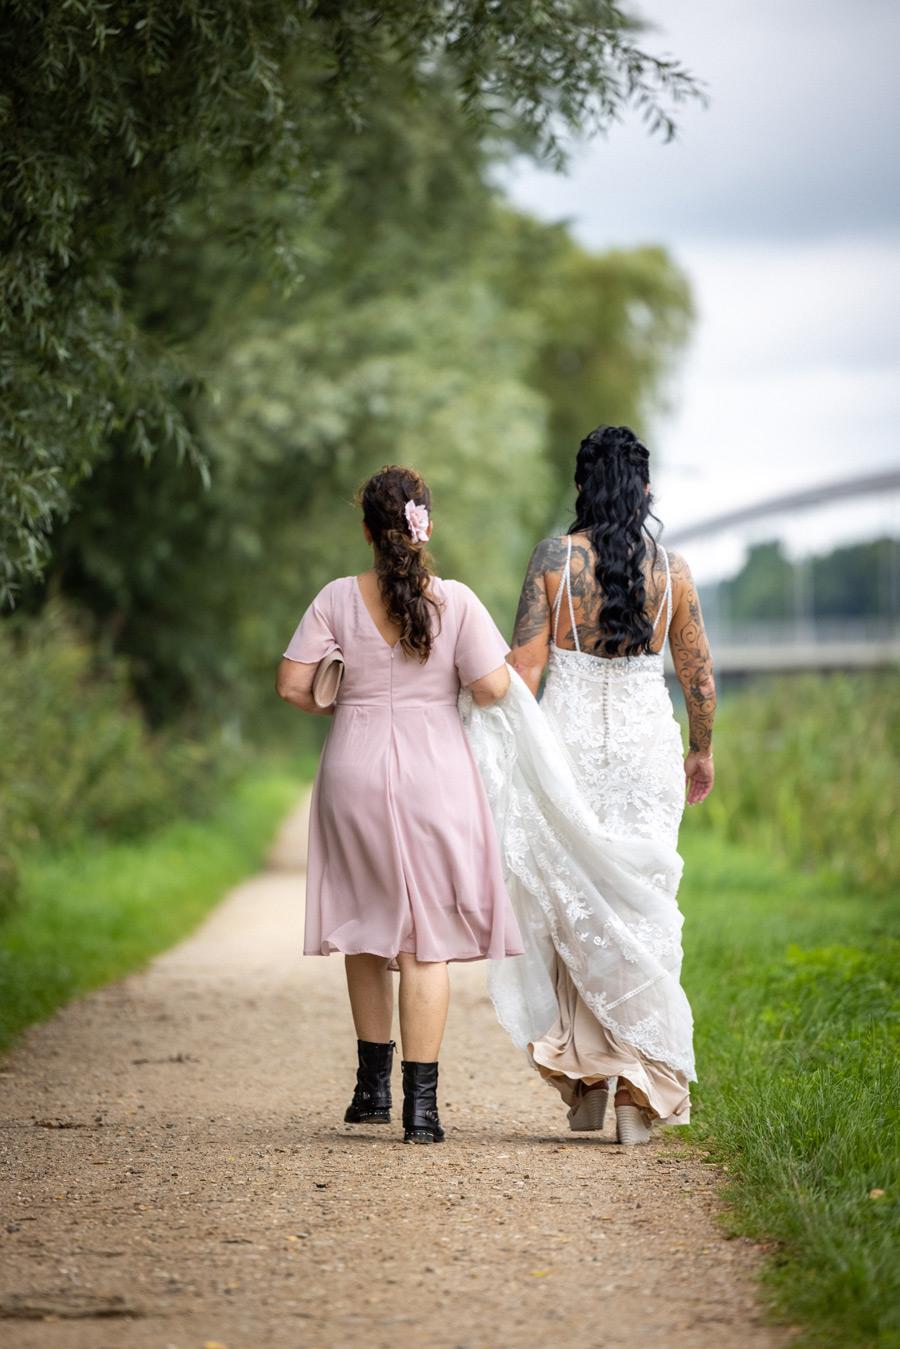 Hochzeitsfotografie ... ich habe fertig